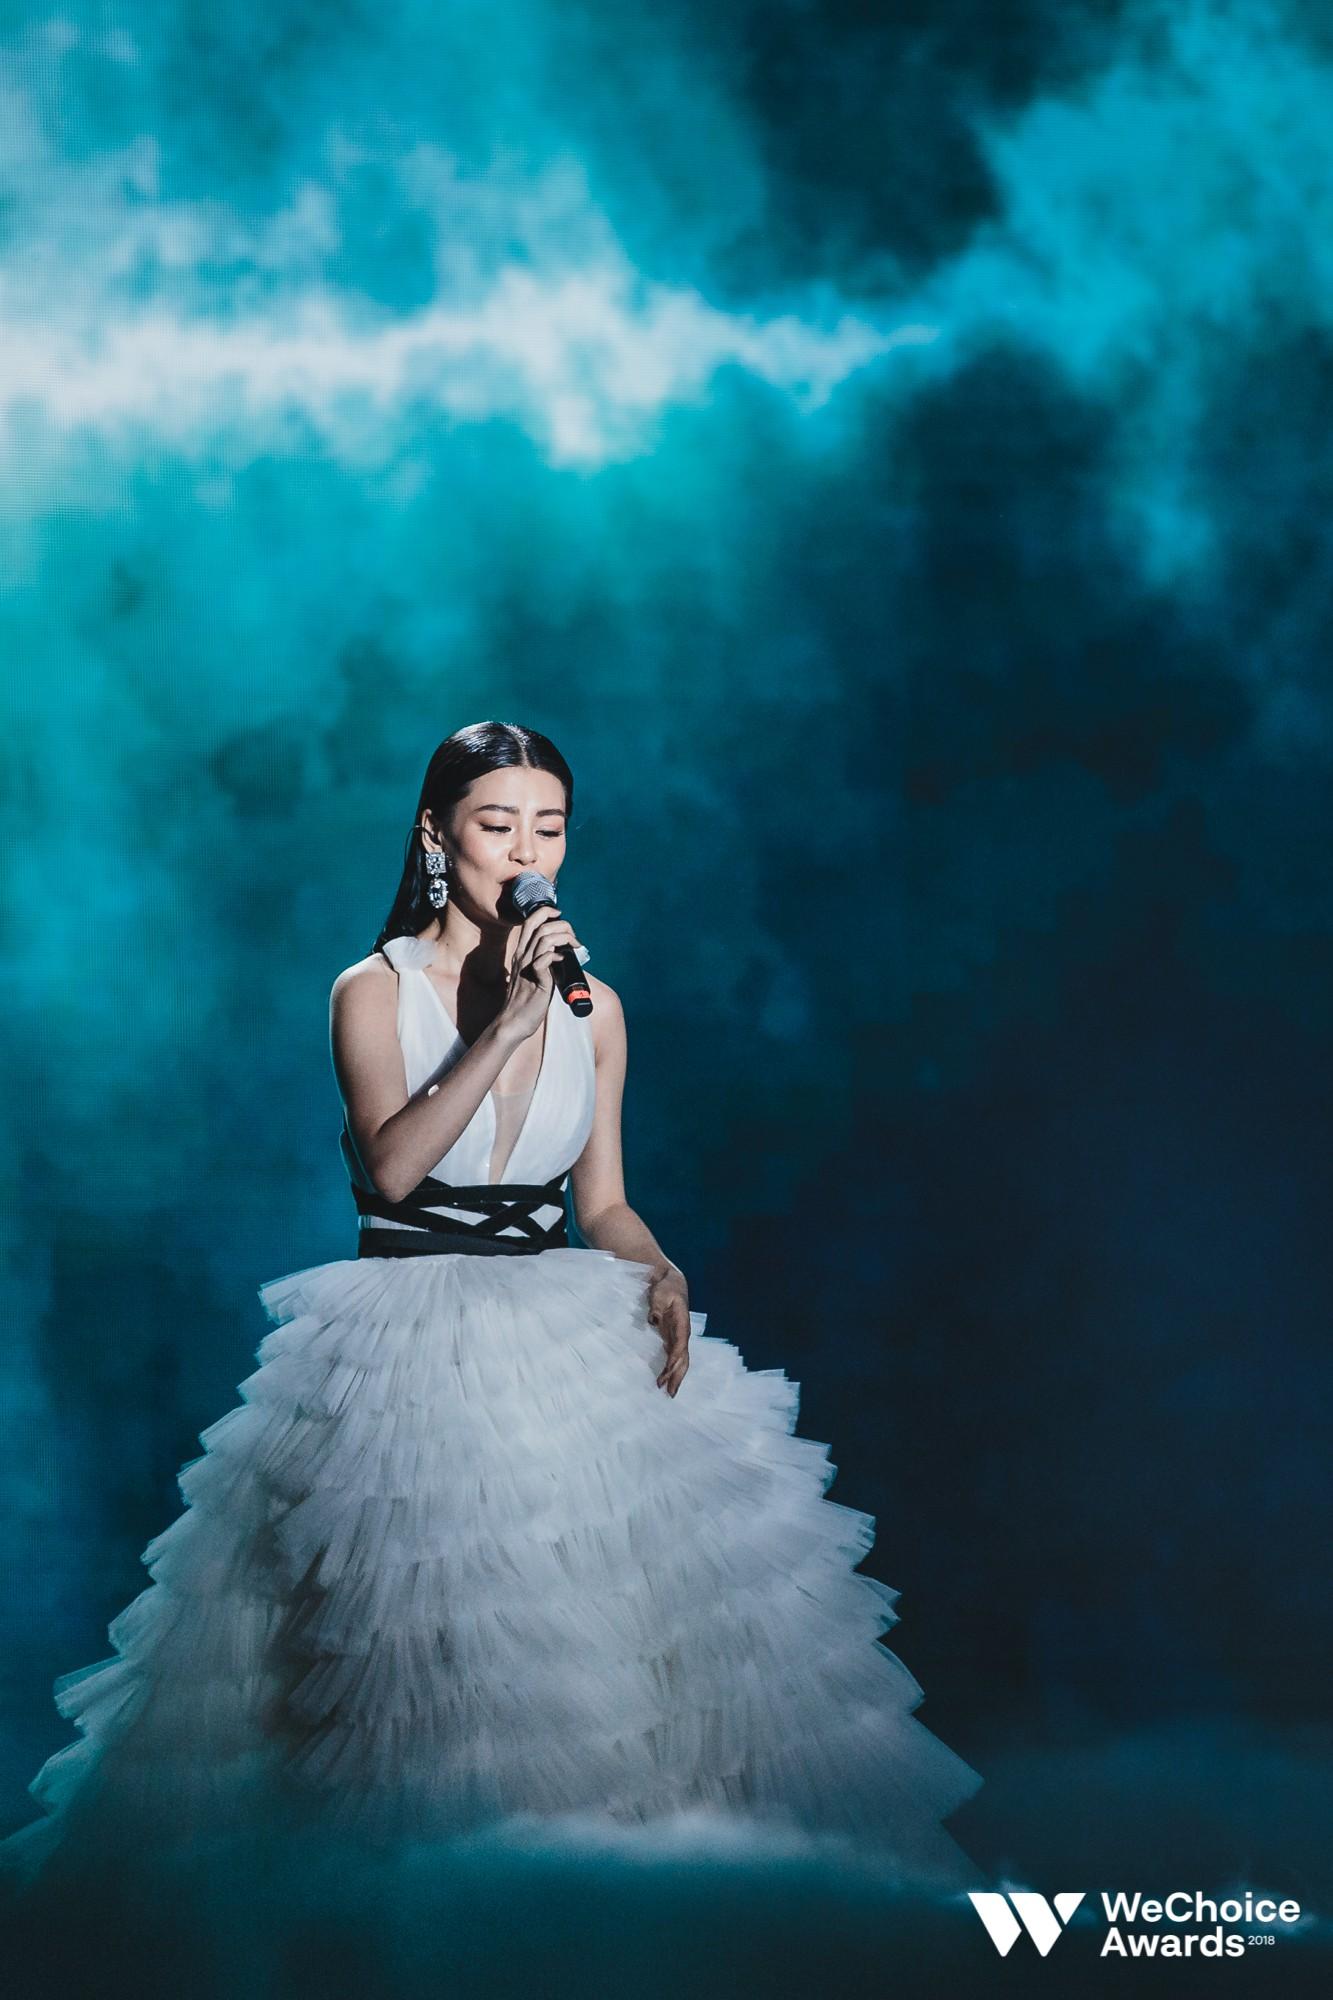 Nổi da gà với màn tái hiện nhạc phim Song Lang và Người Bất Tử đầy cảm xúc trên sân khấu Gala WeChoice Awards 2018 - Ảnh 5.